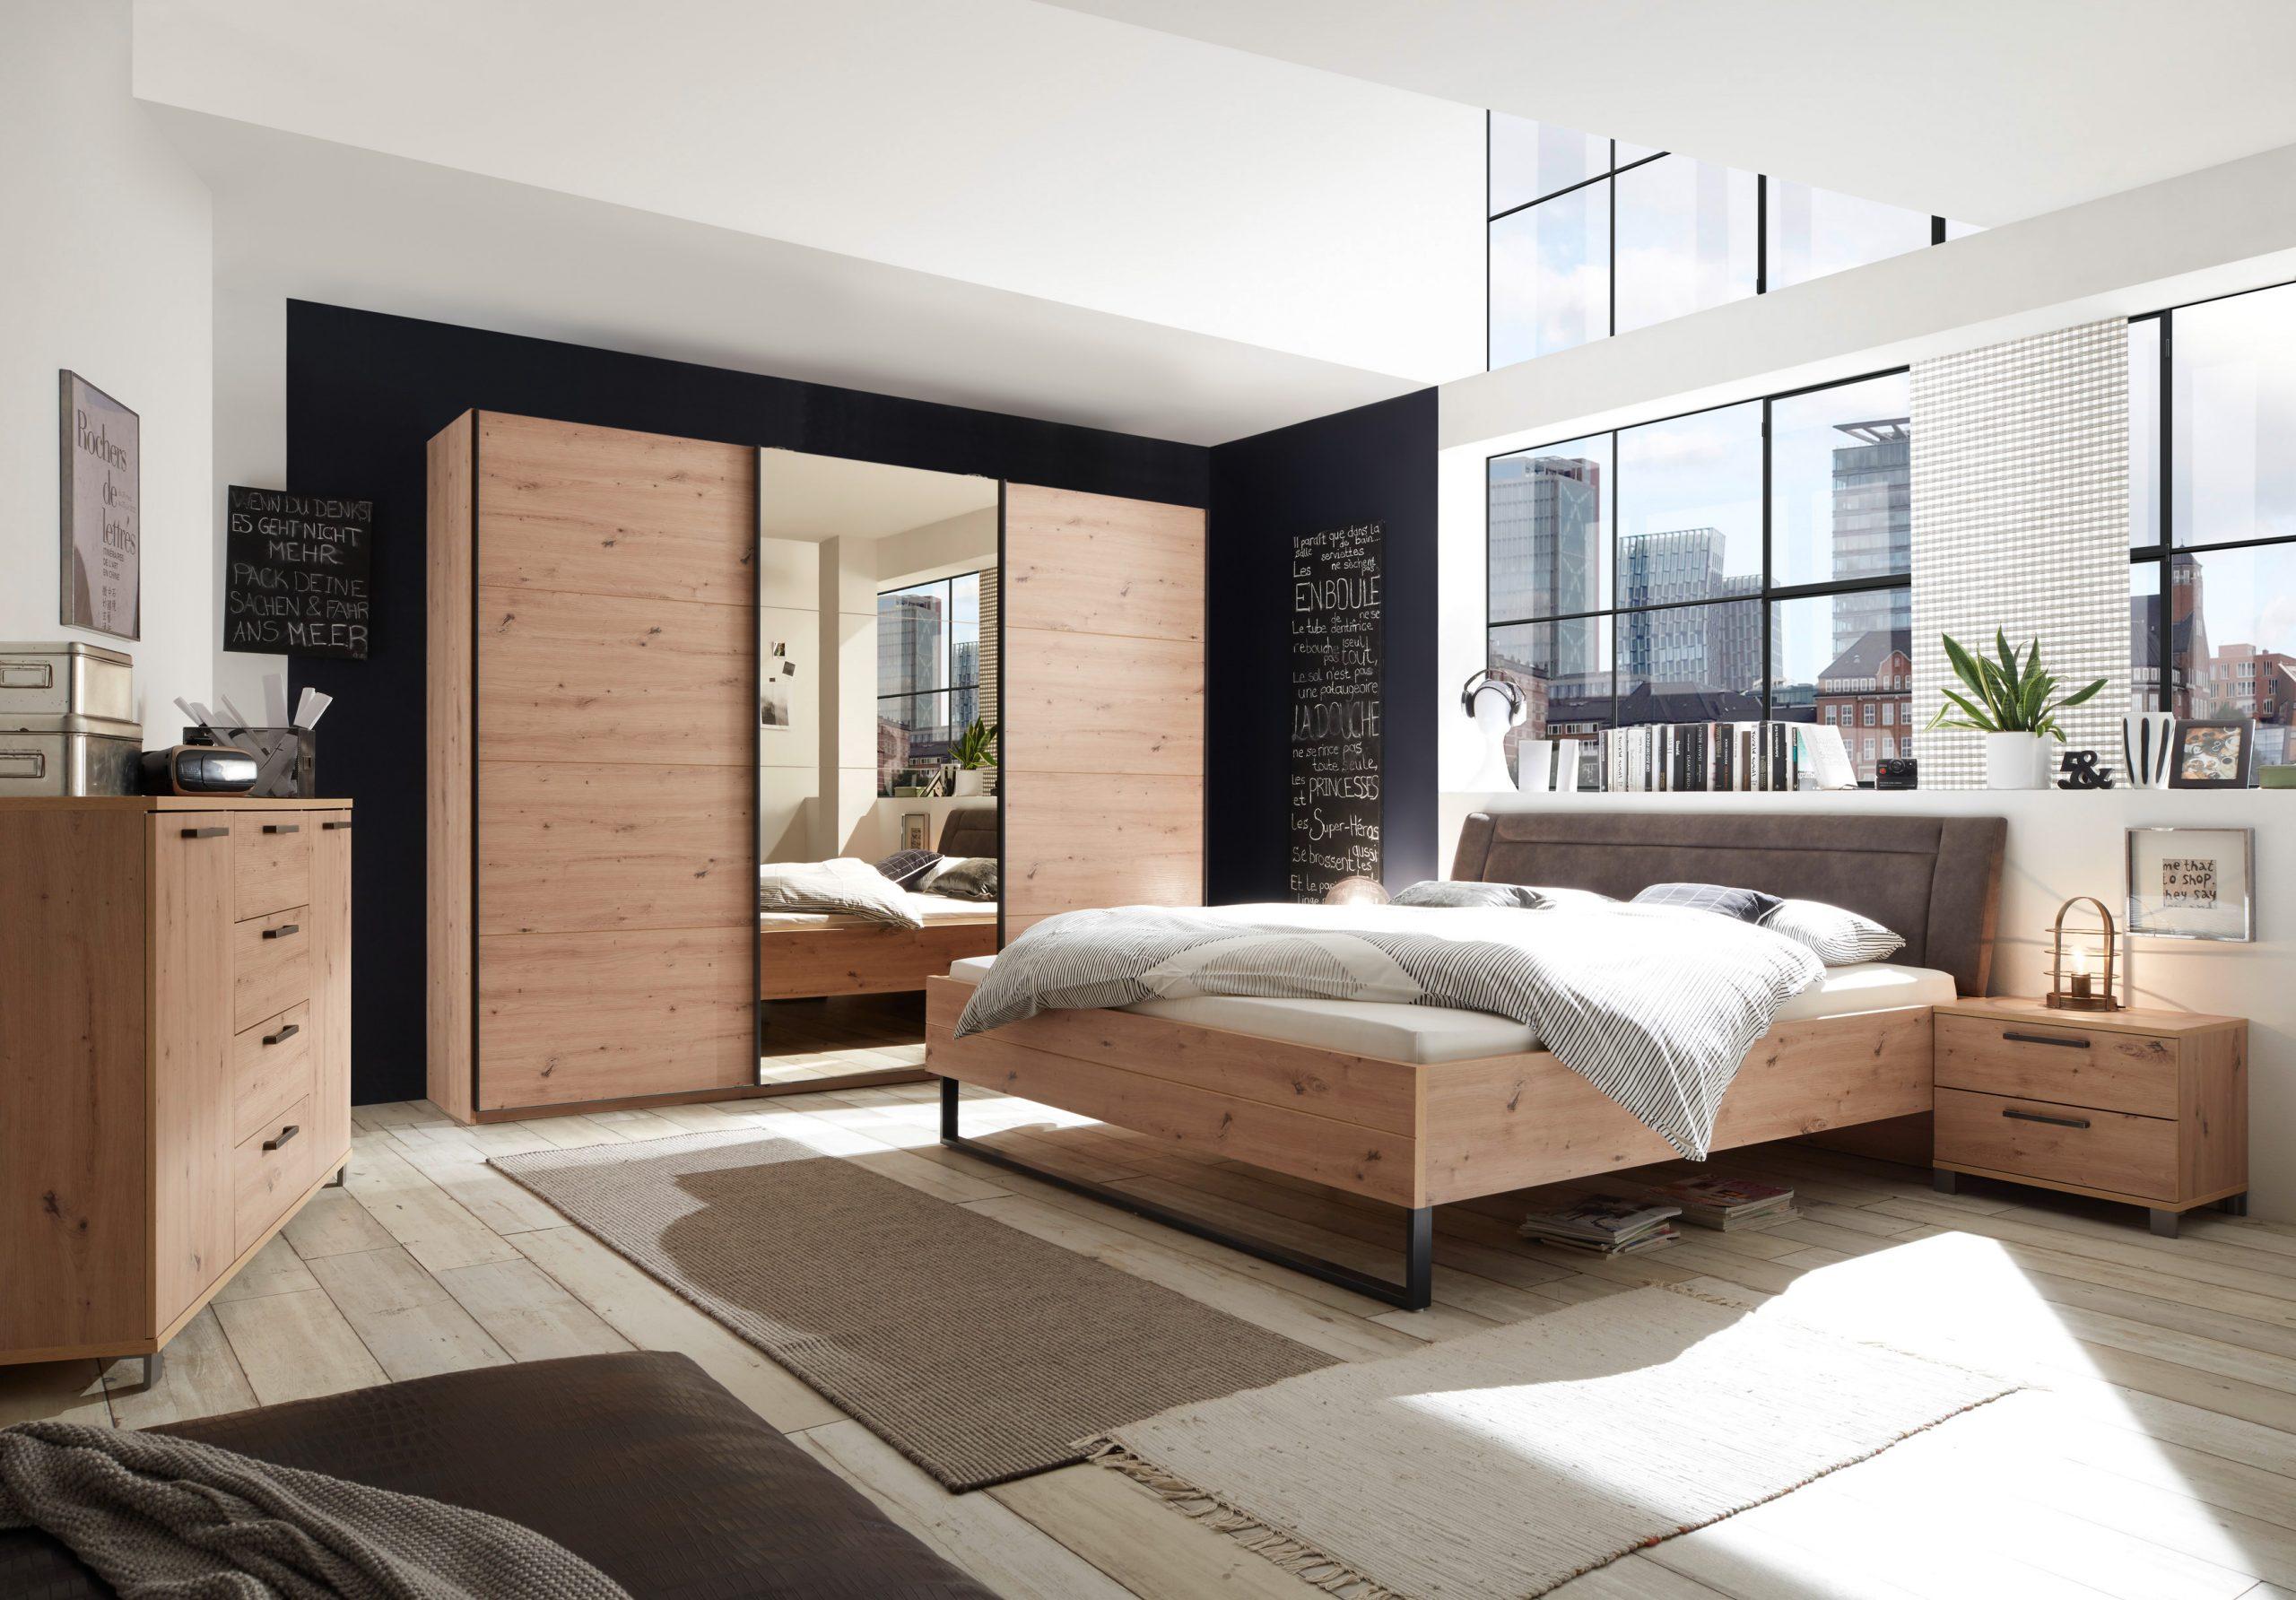 Full Size of Schlafzimmer Set Kleiderschrank Bett Kommode Eiche Spiegel Bronze Stuhl Für Kommoden Günstige Komplett Dusche Klimagerät Deckenleuchte Modern Weißes Lampe Schlafzimmer Schlafzimmer Set